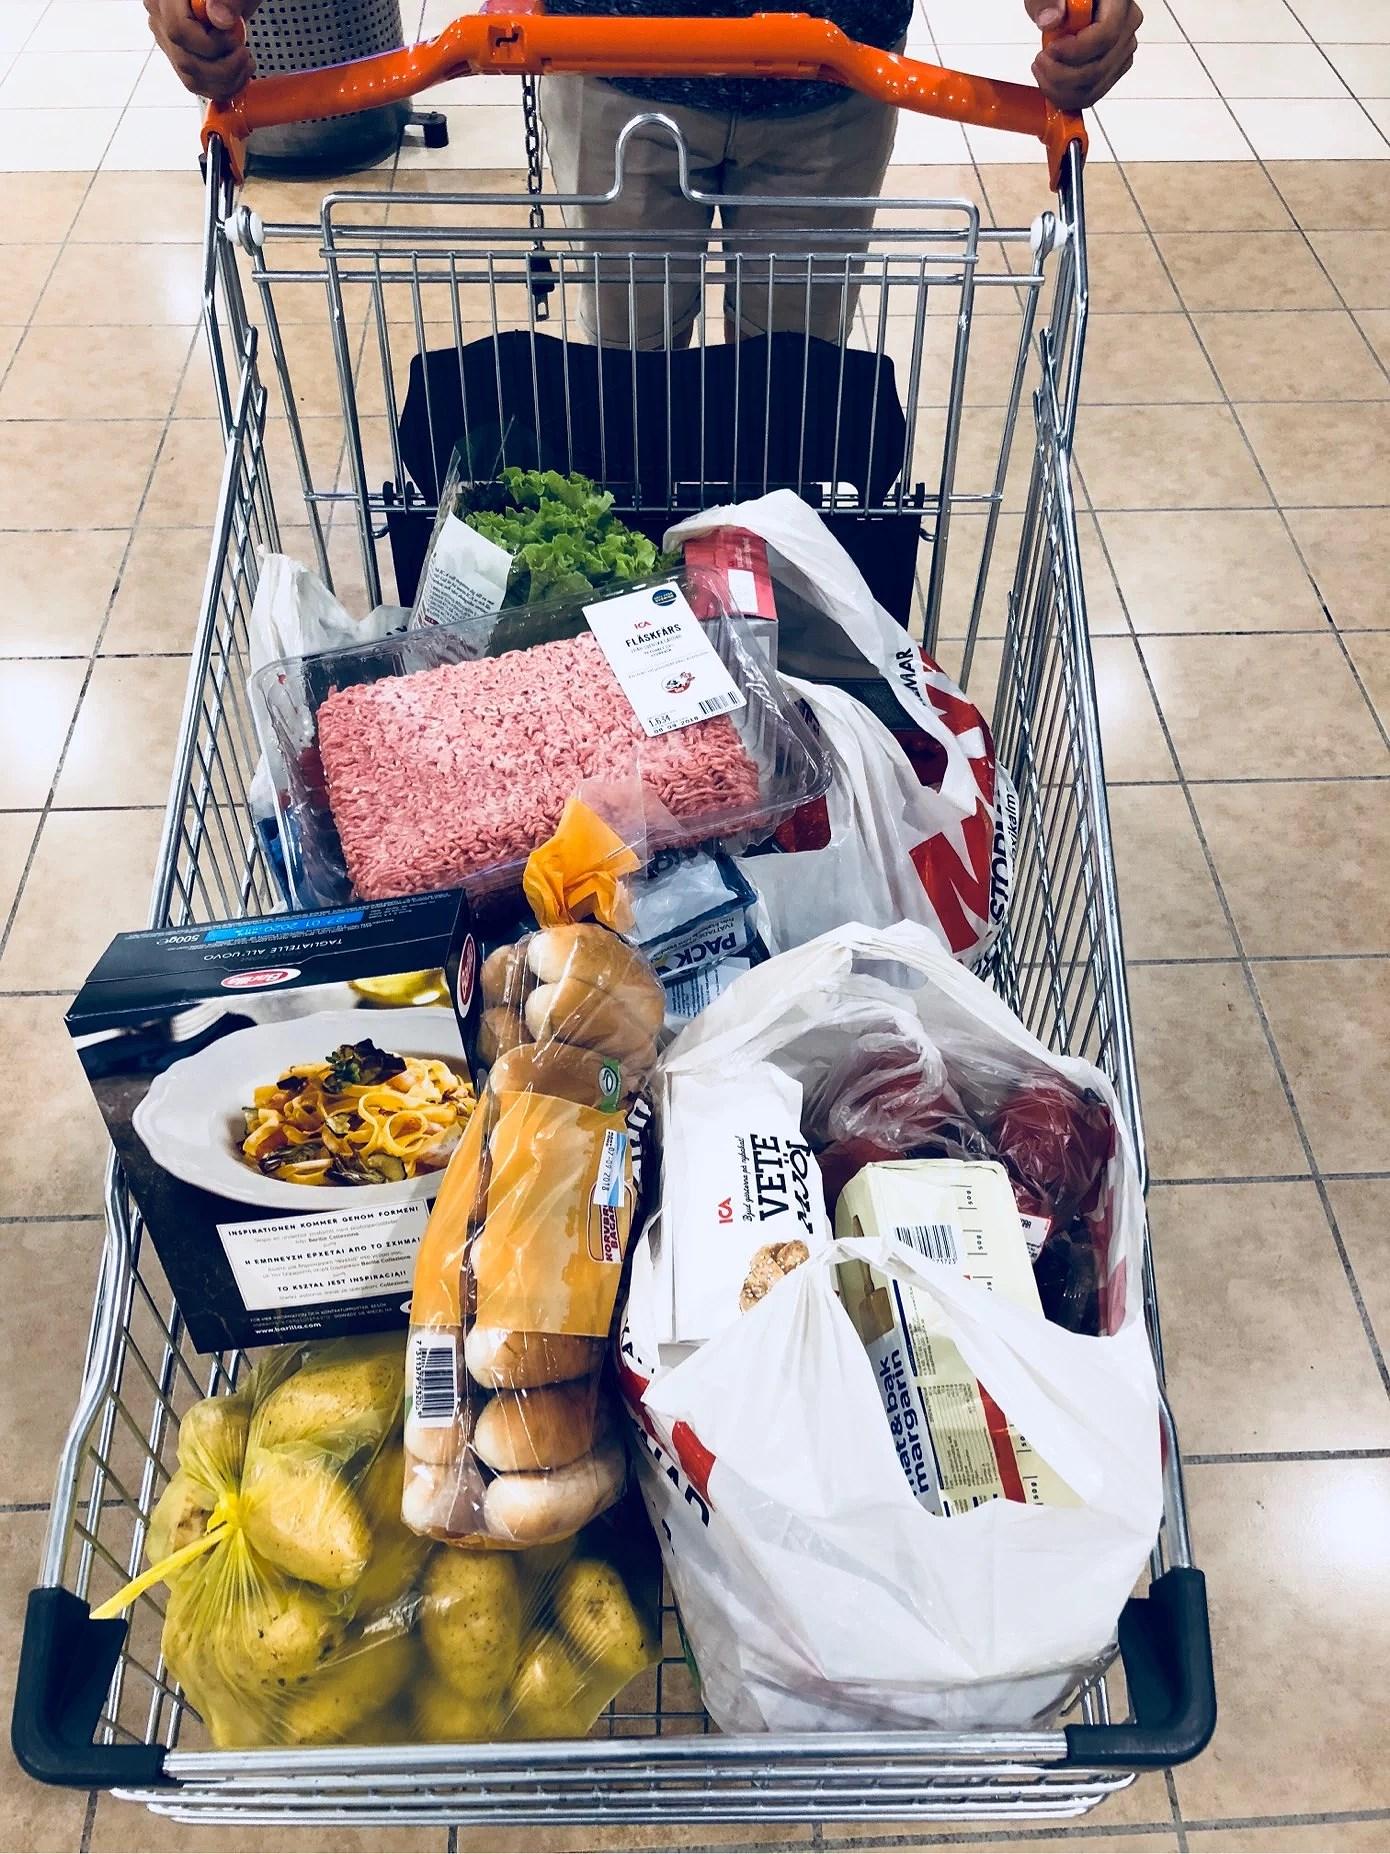 När man får välja maträtt...